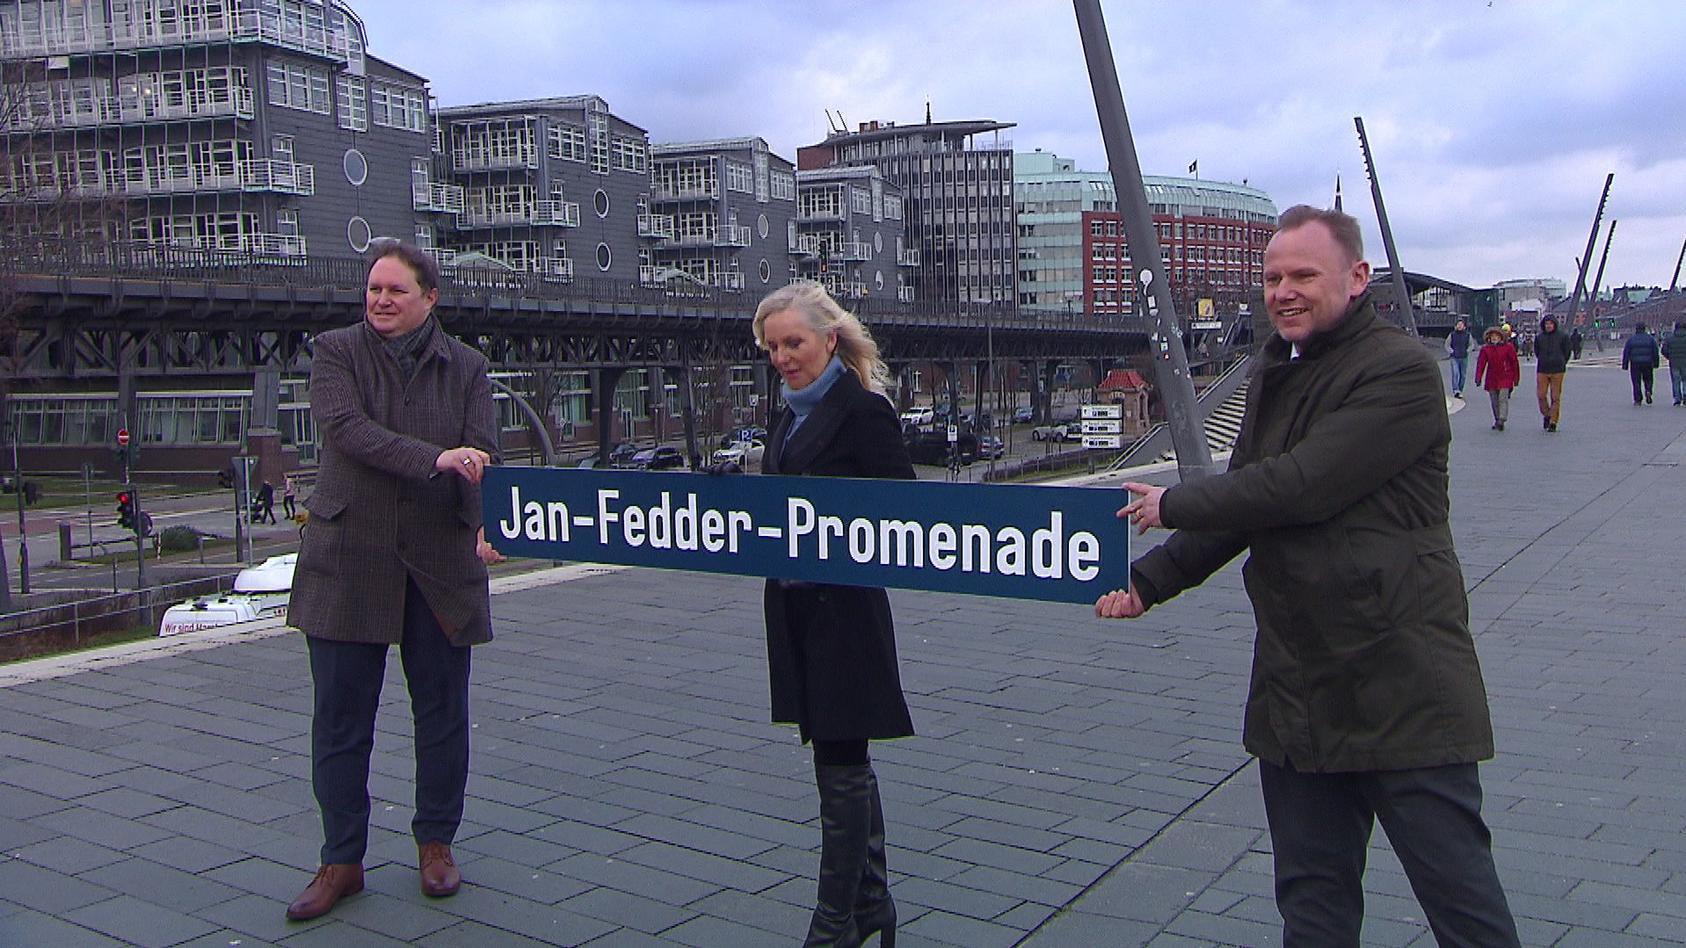 Marion Fedder präsentiert gemeinsam mit Carsten Brosda (SPD) und Andy Grote (SPD) den Namensvorschlag für die Elbuferpromenade.